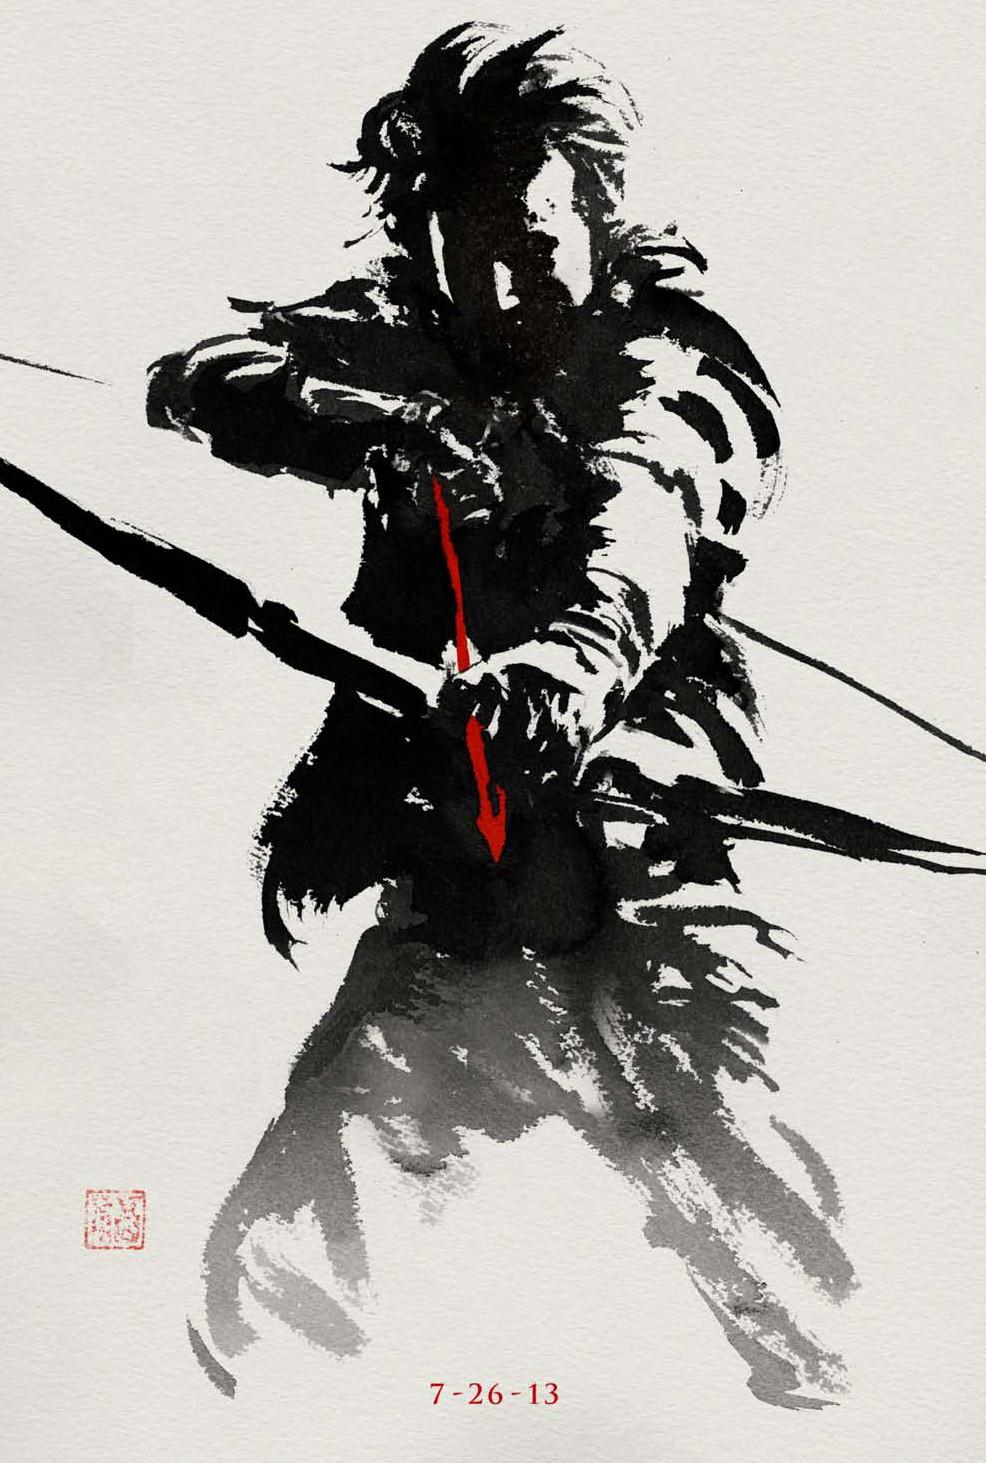 harada-poster-wolverine-movie